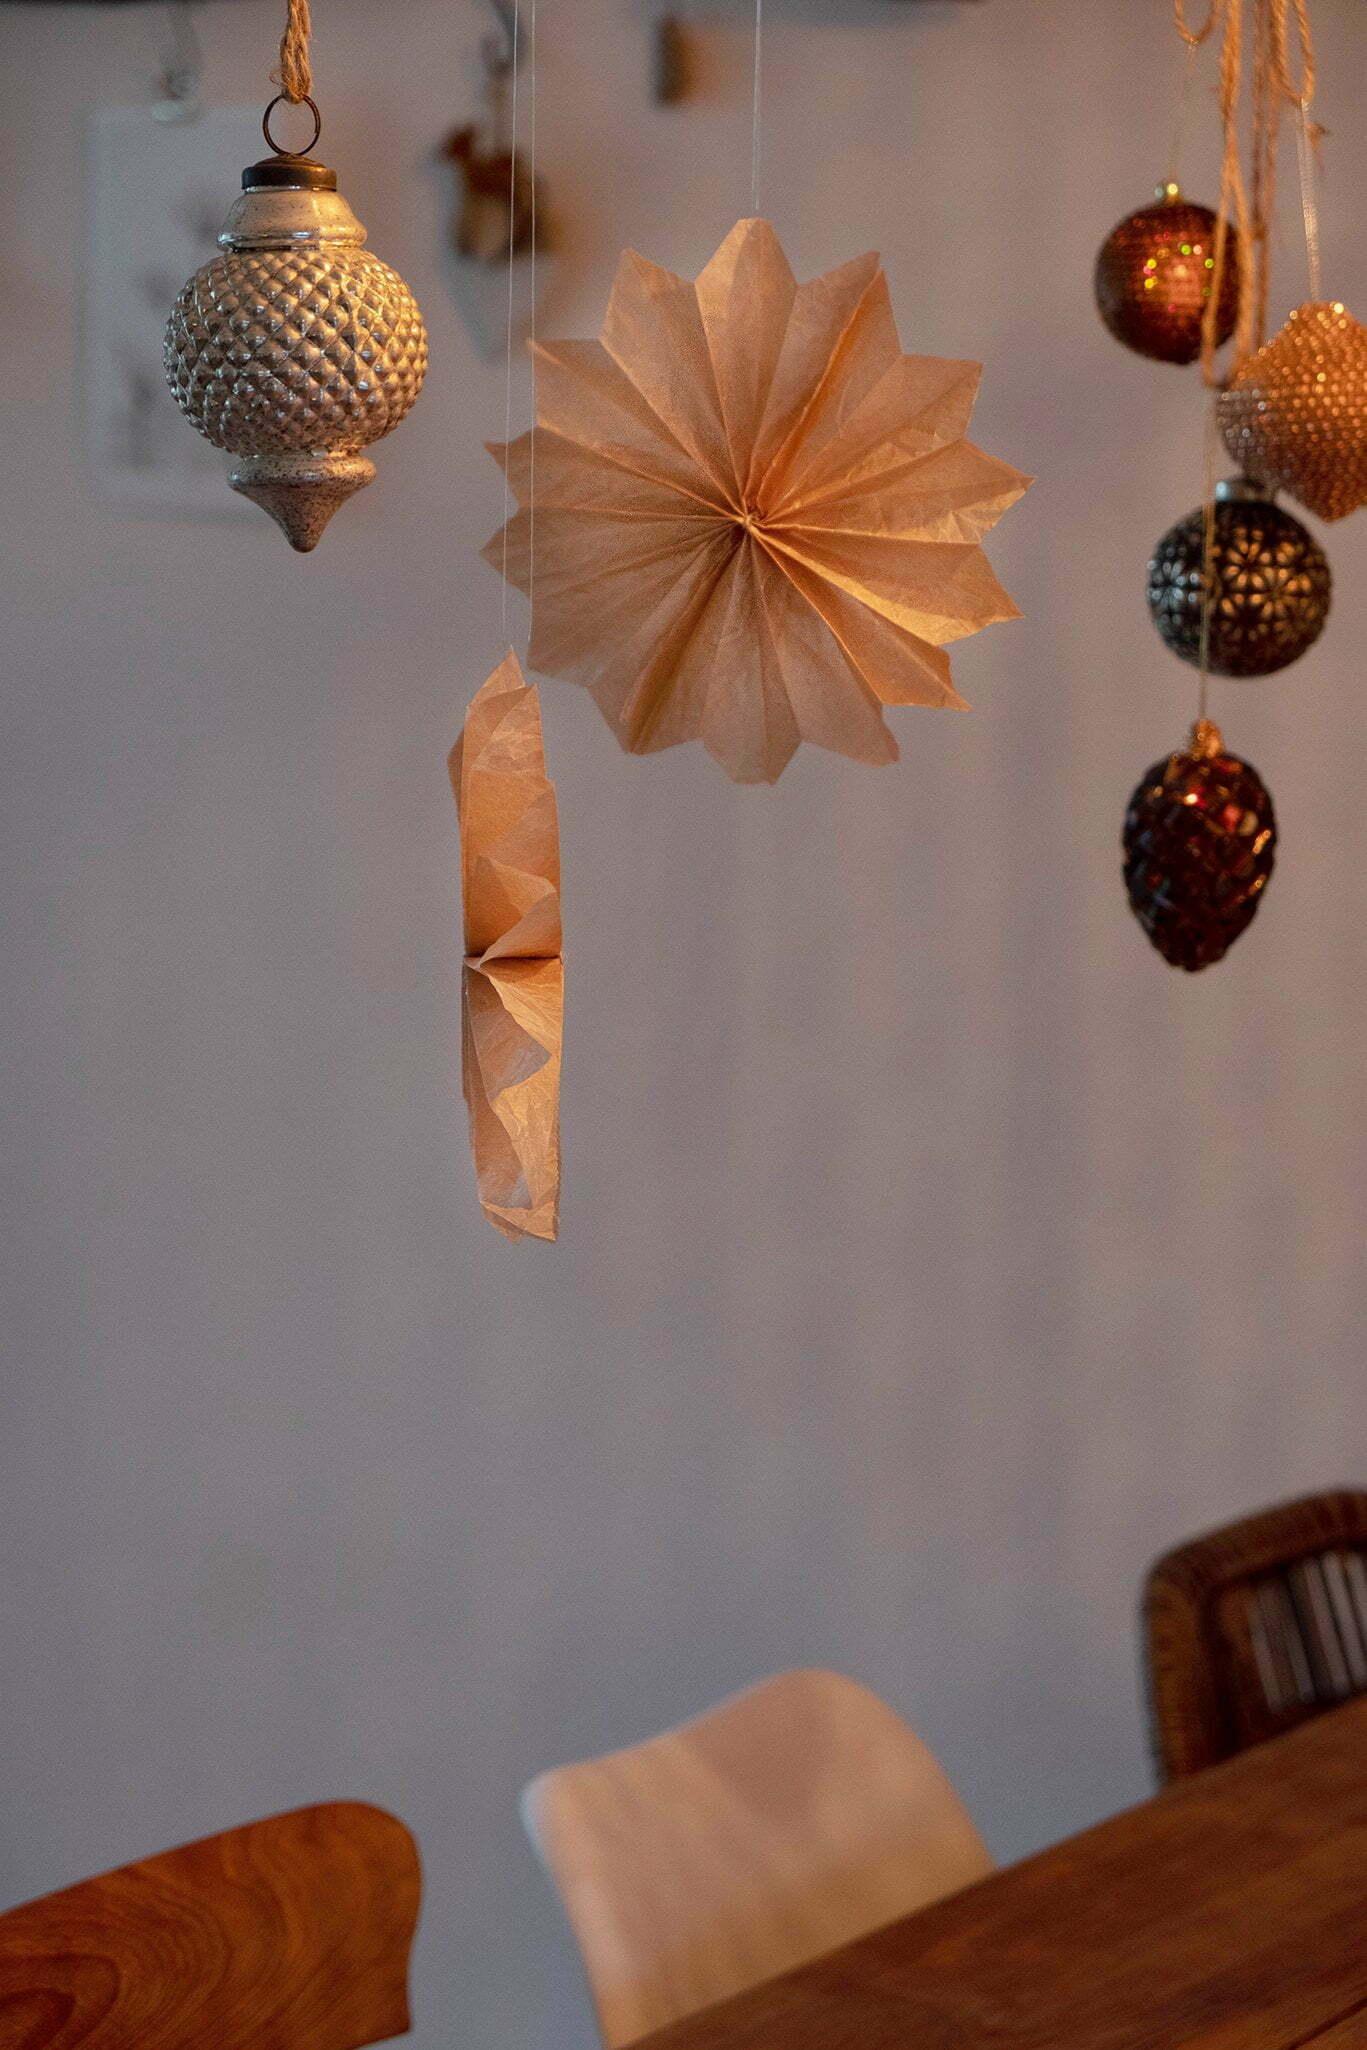 Papieren ster of ornament voor Kerst – Diy